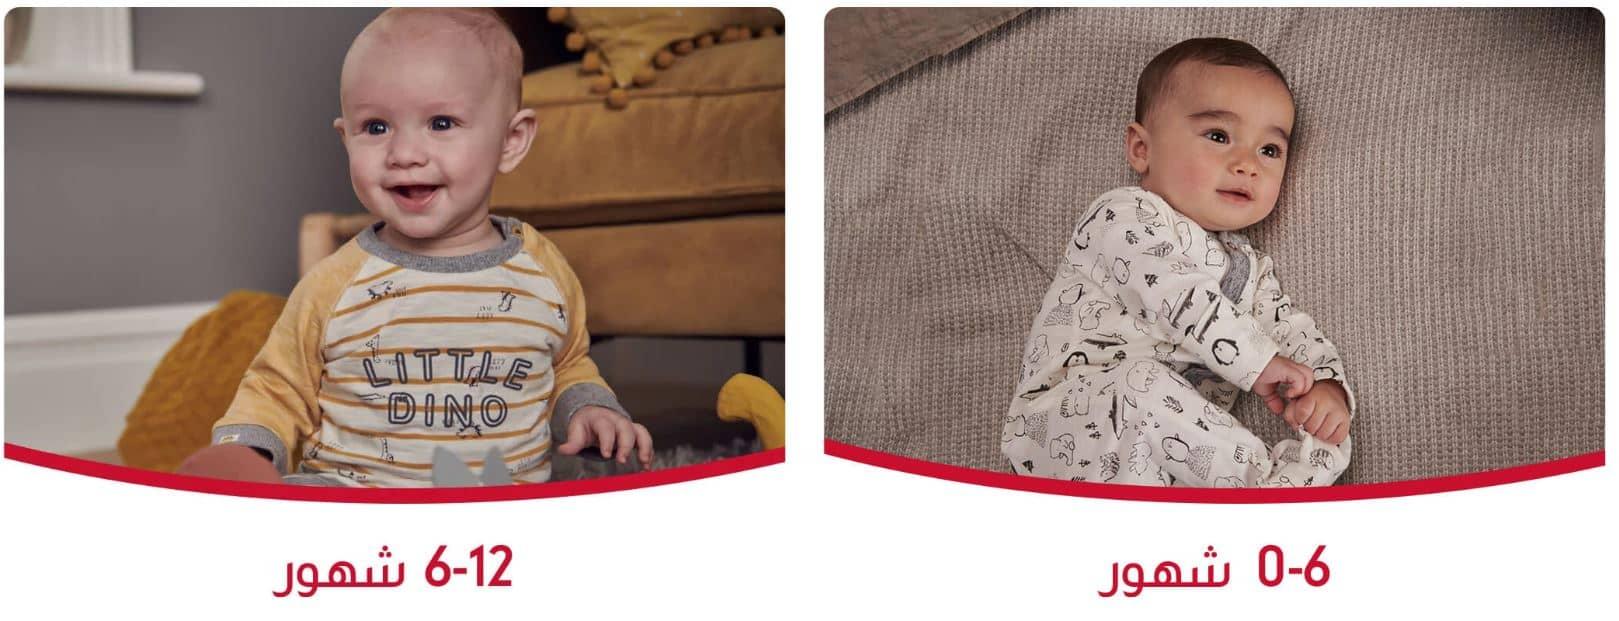 عروض مذركير ملابس اطفال اشتر 2 واحصل على 1 مجانا